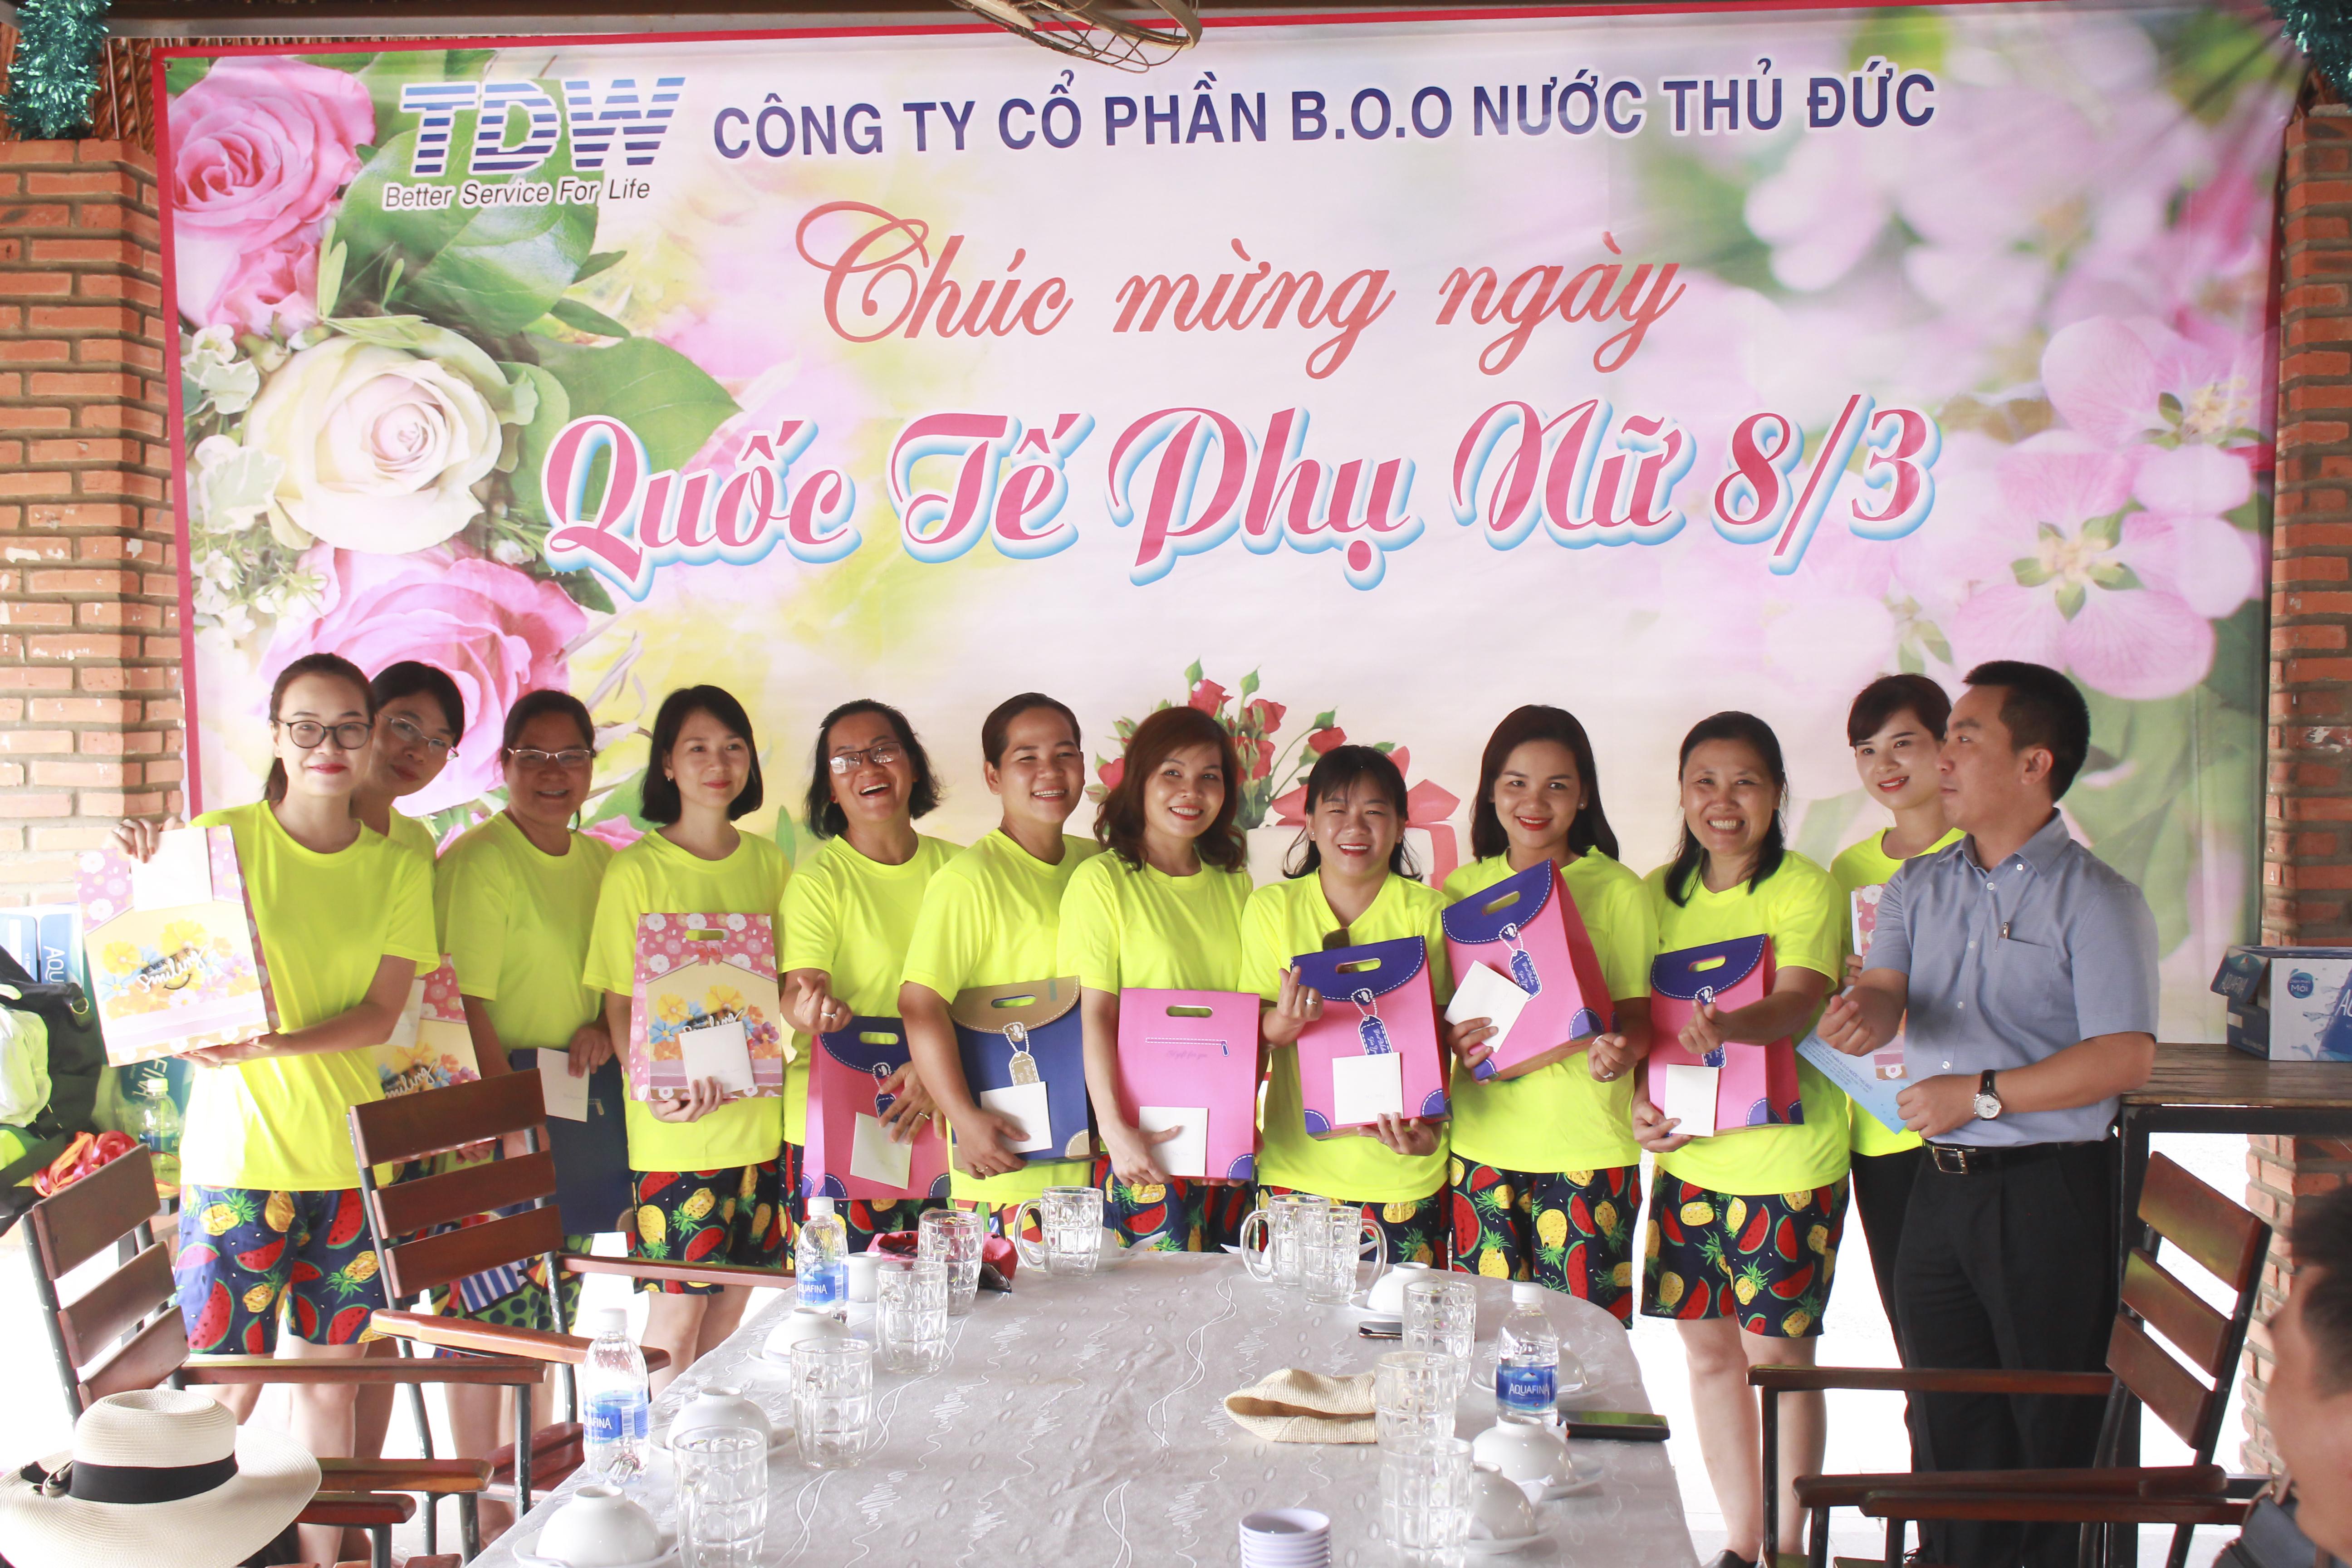 Trao quà cho các chị em phụ nữ nhân ngày 08/03